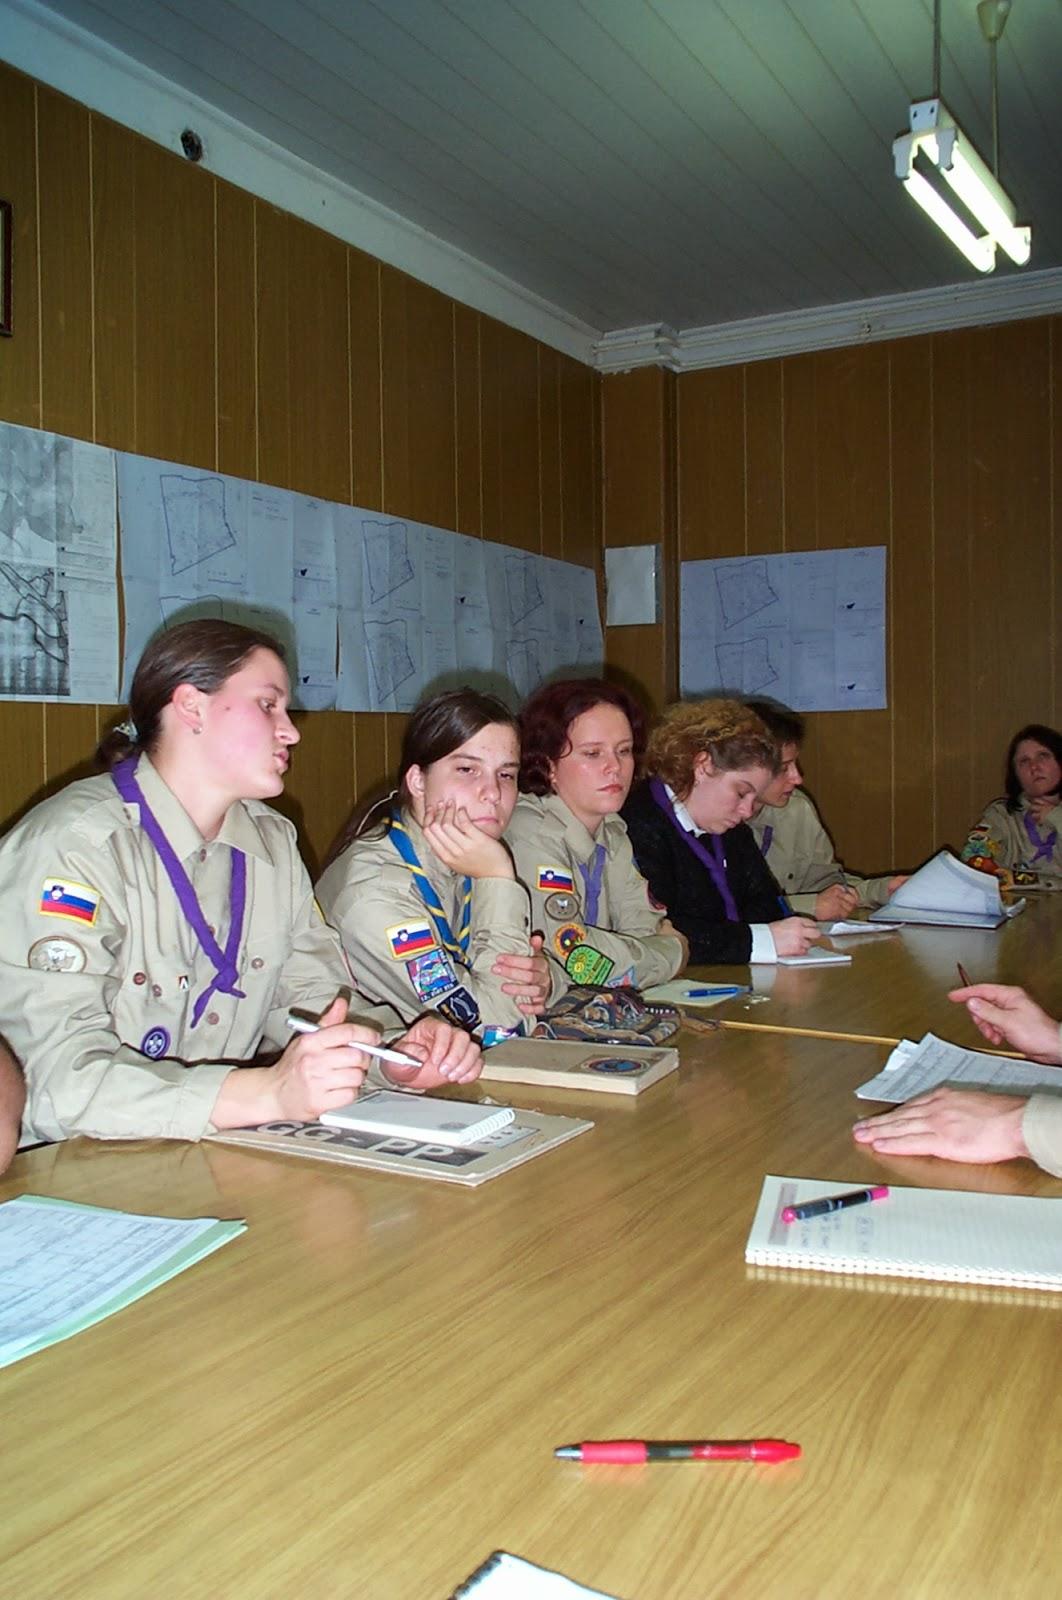 Sestanek vodnikov, Ilirska Bistrica - DCP_3477.JPG